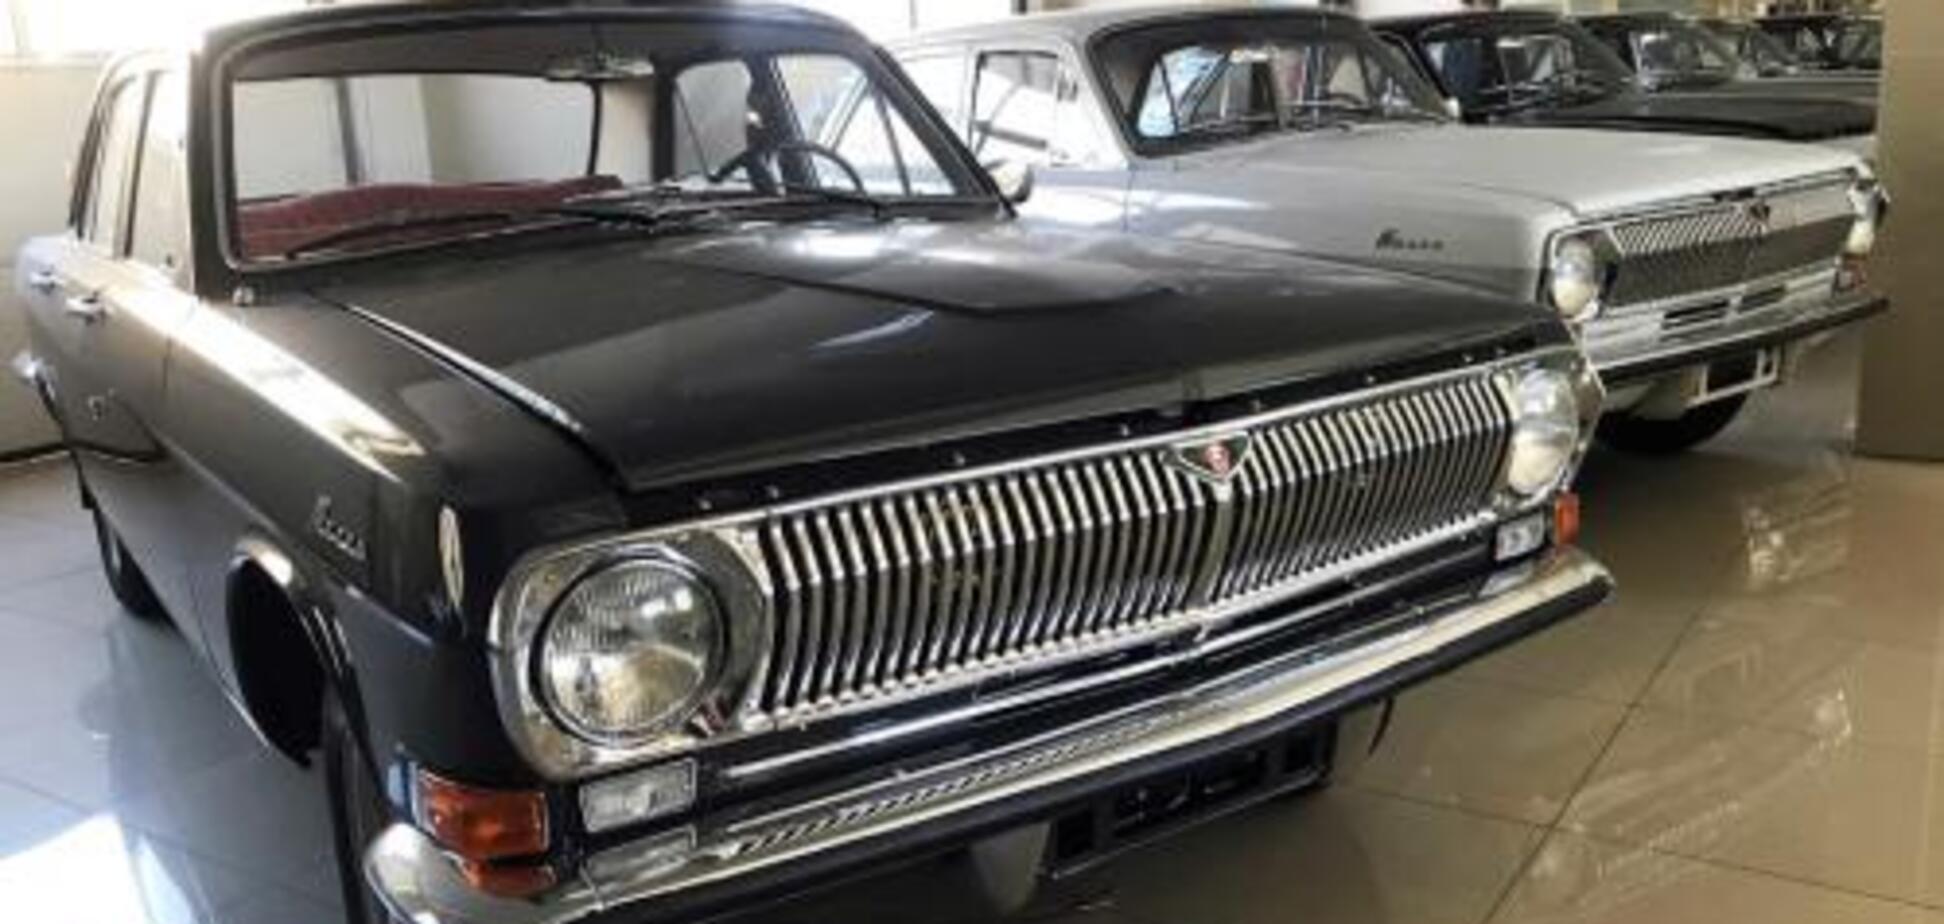 Назад в СССР: в России открыли автосалон с советскими авто